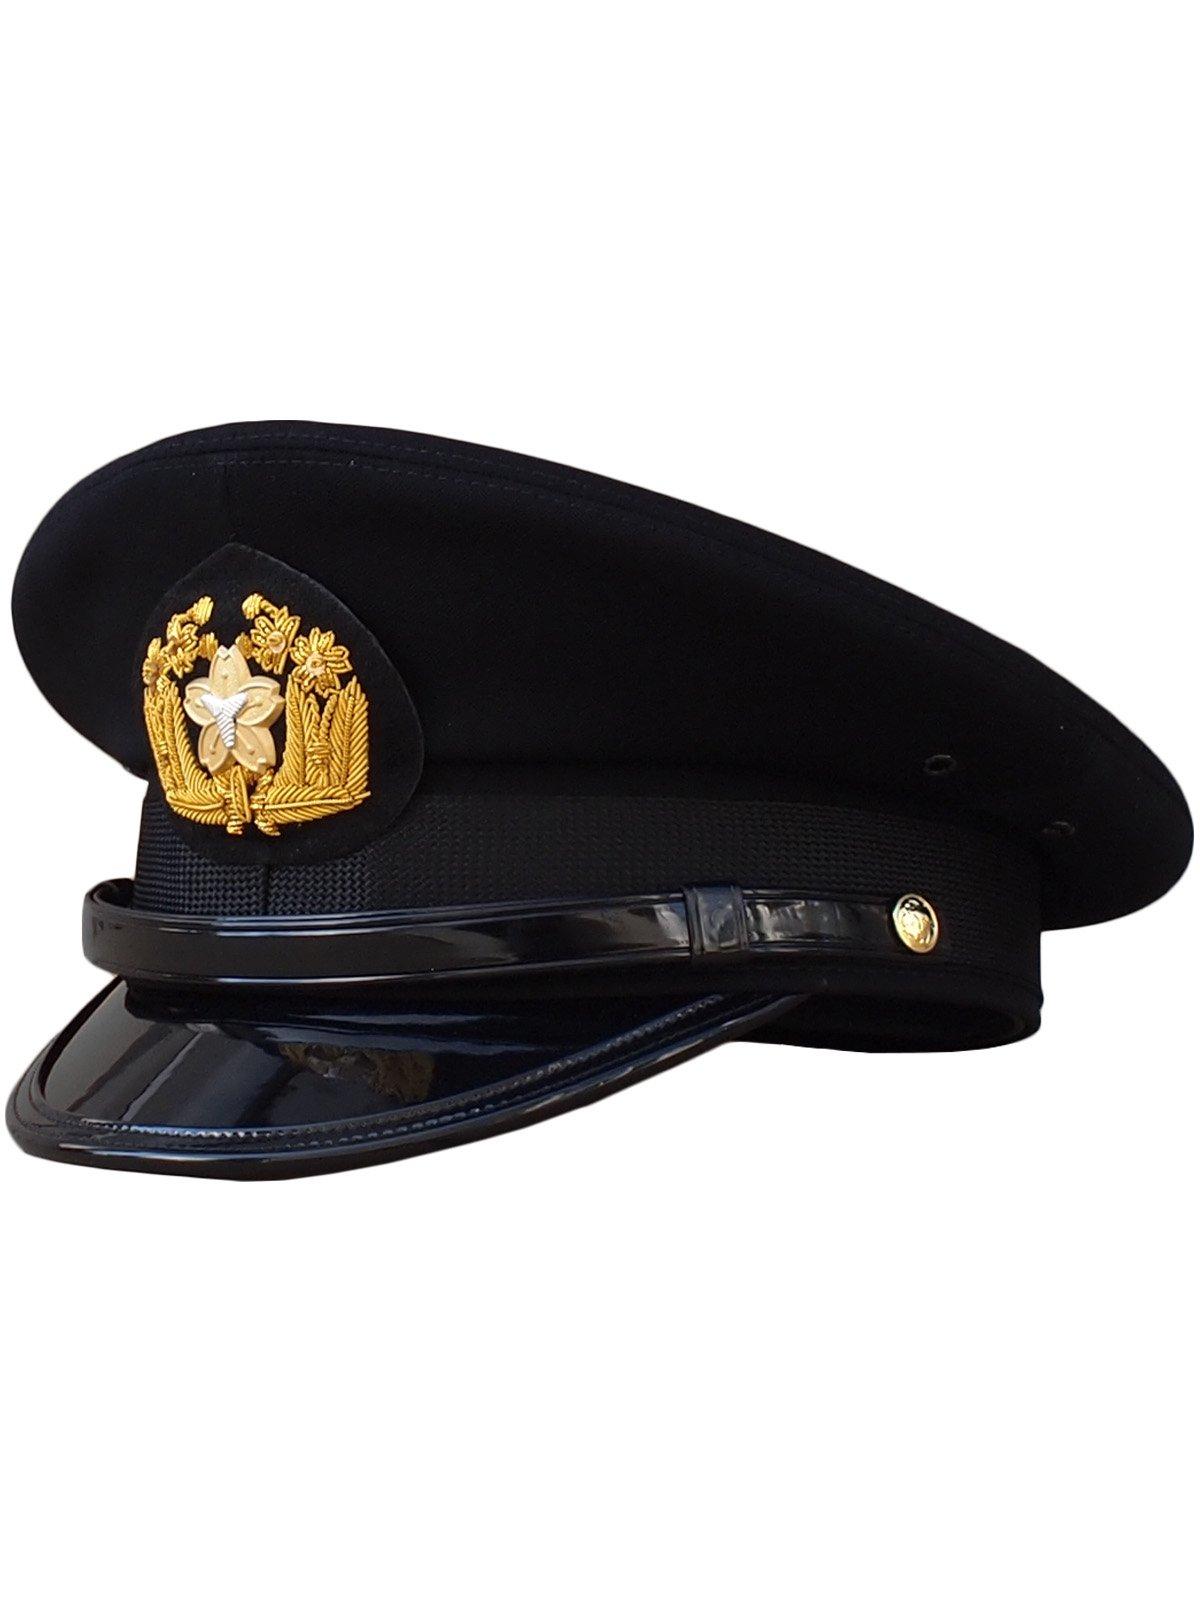 黒ドスキン冬制帽(甲種制帽)